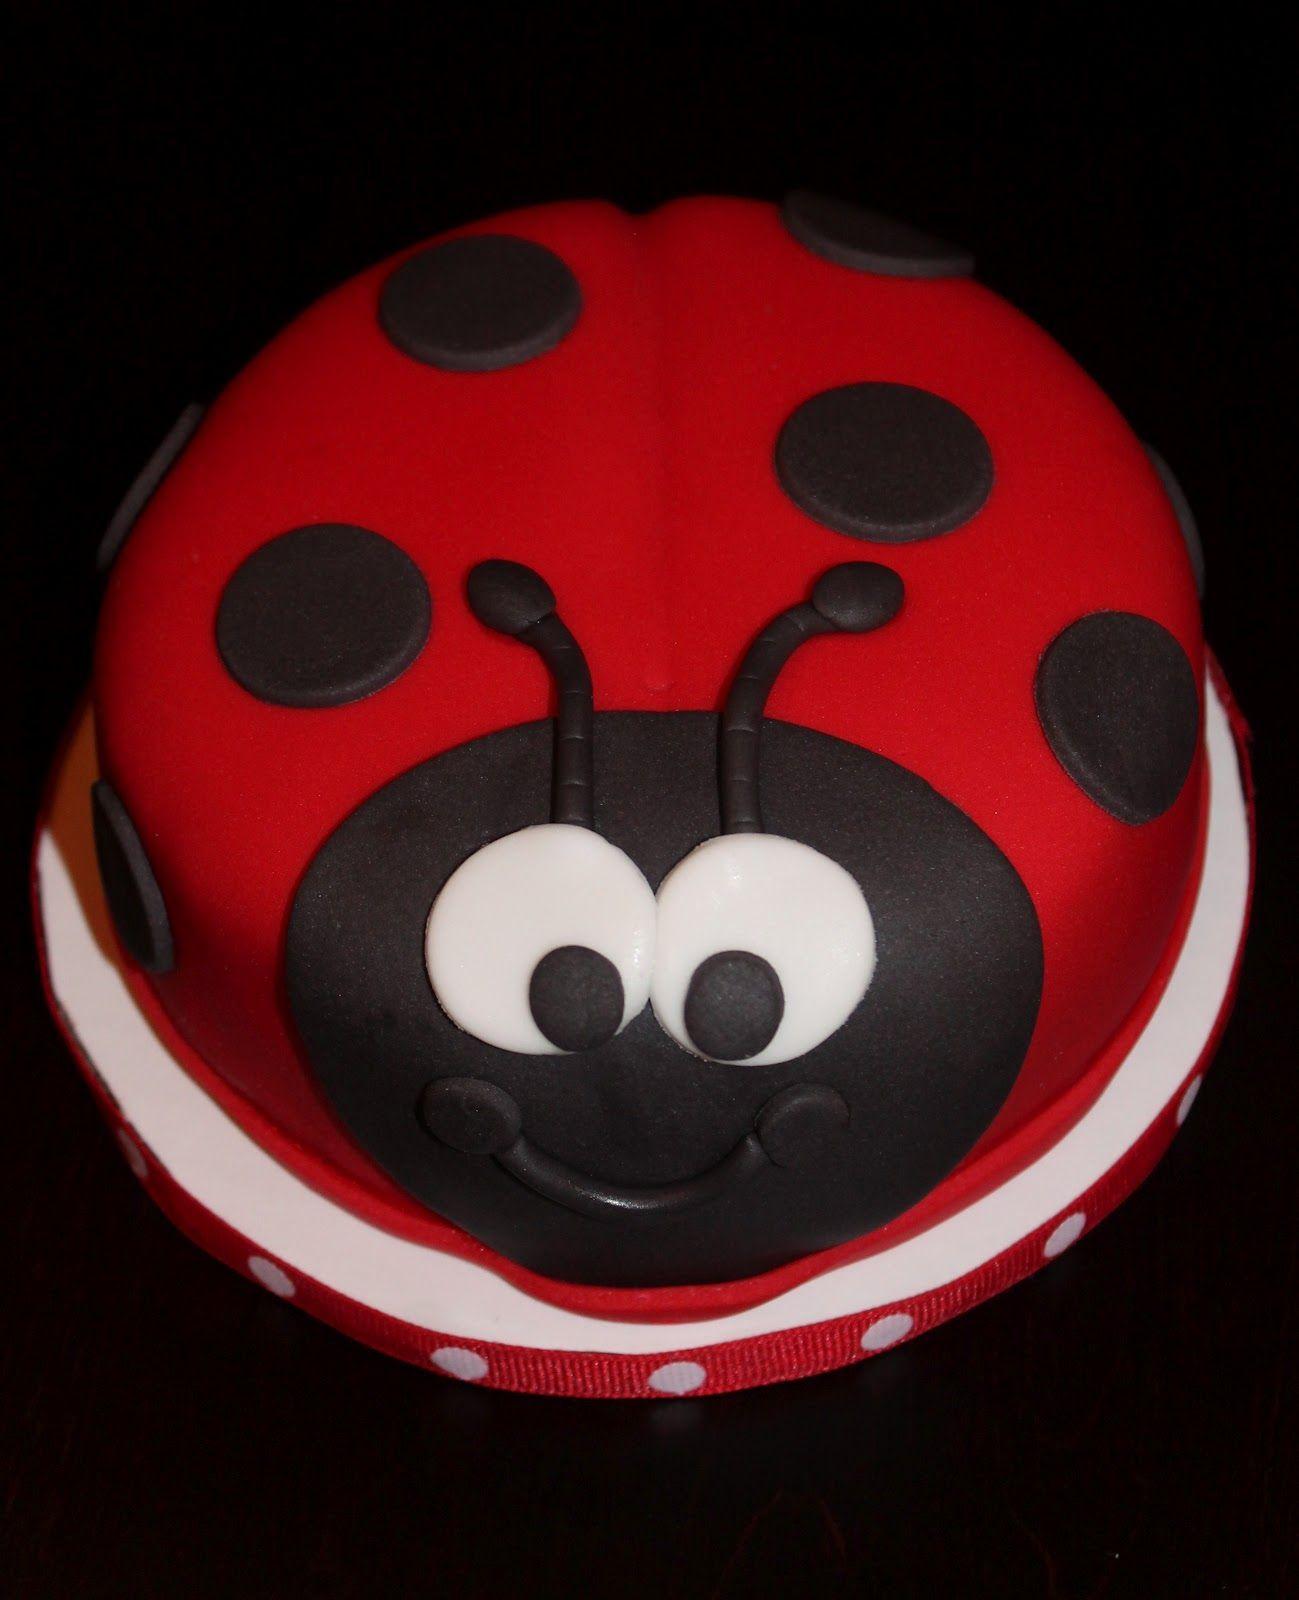 Ladybug Cake Creative Cakes By Lynn Ladybug Cake Cupcakes